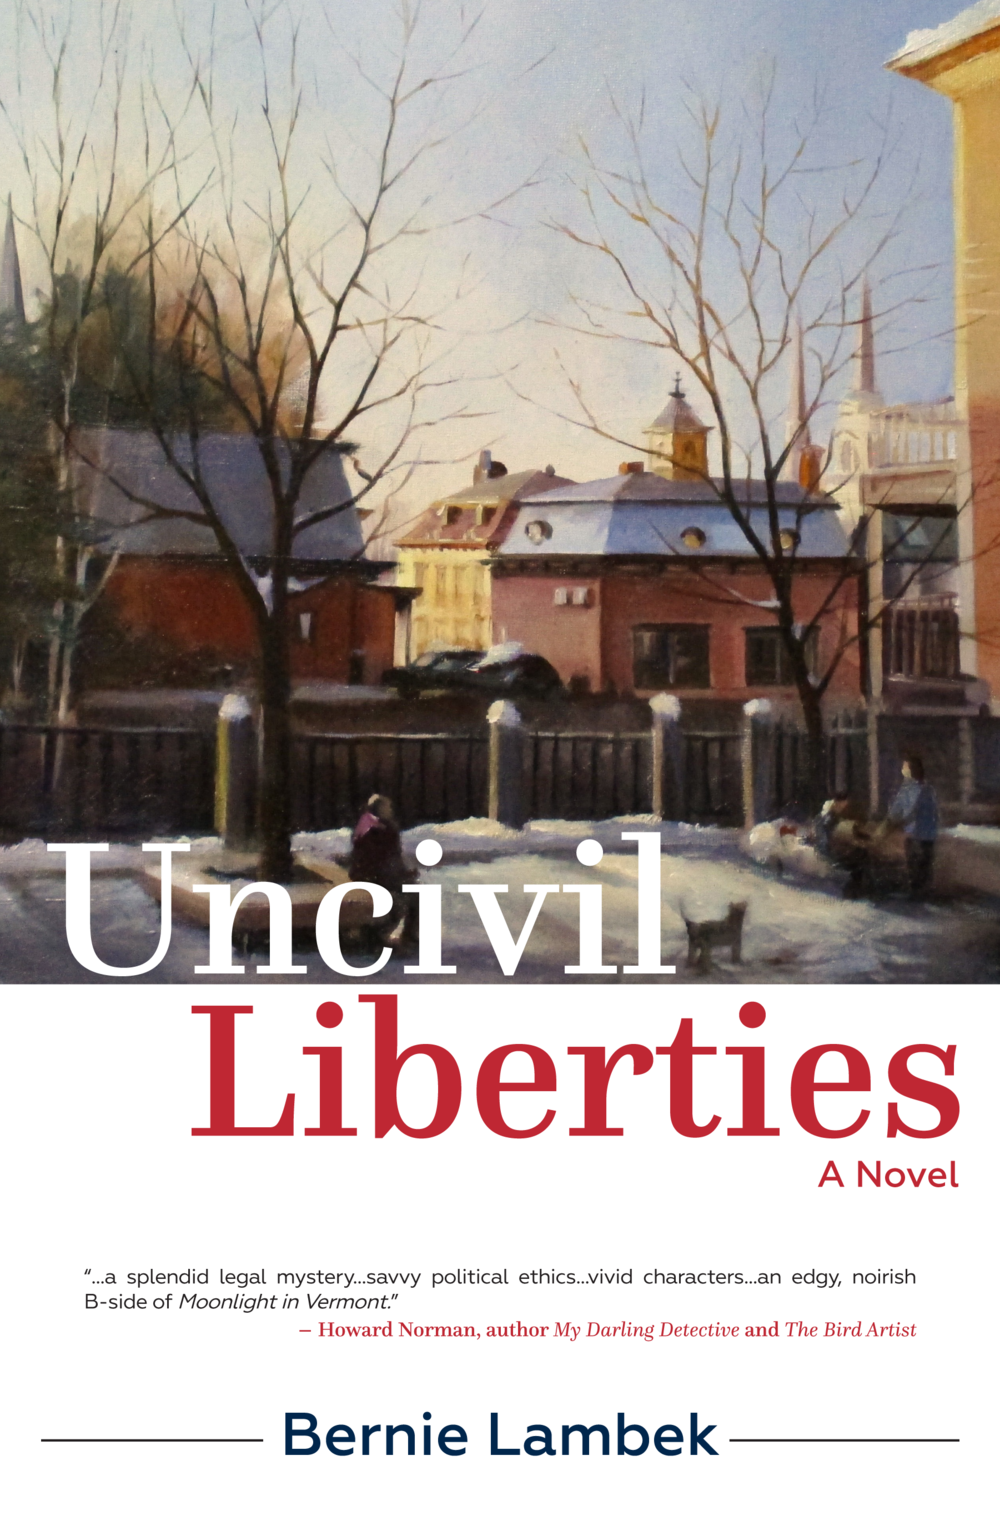 UncivilLiberties-final-11.26.jpg